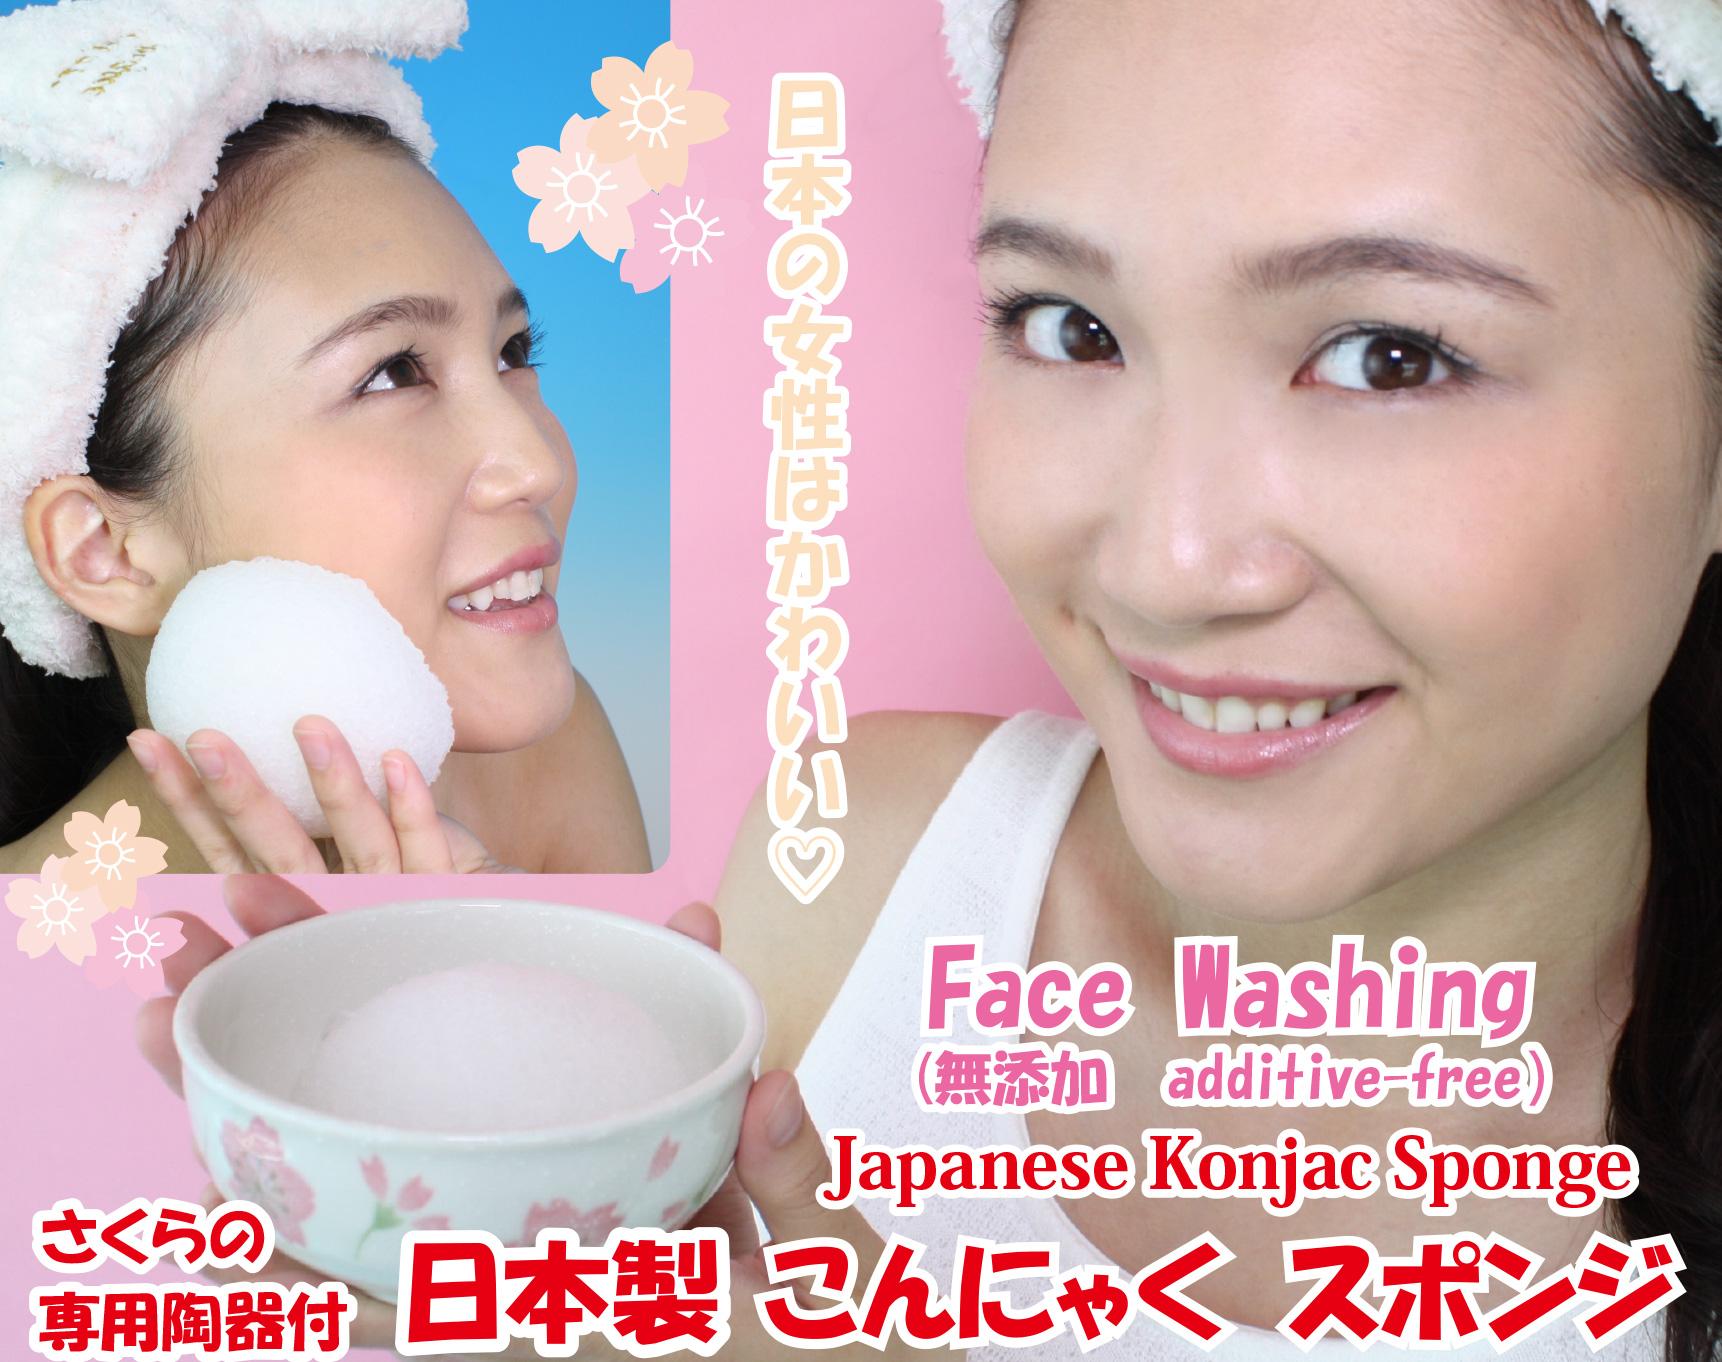 【日本製 こんにゃくスポンジ】 さくらの専用陶器付